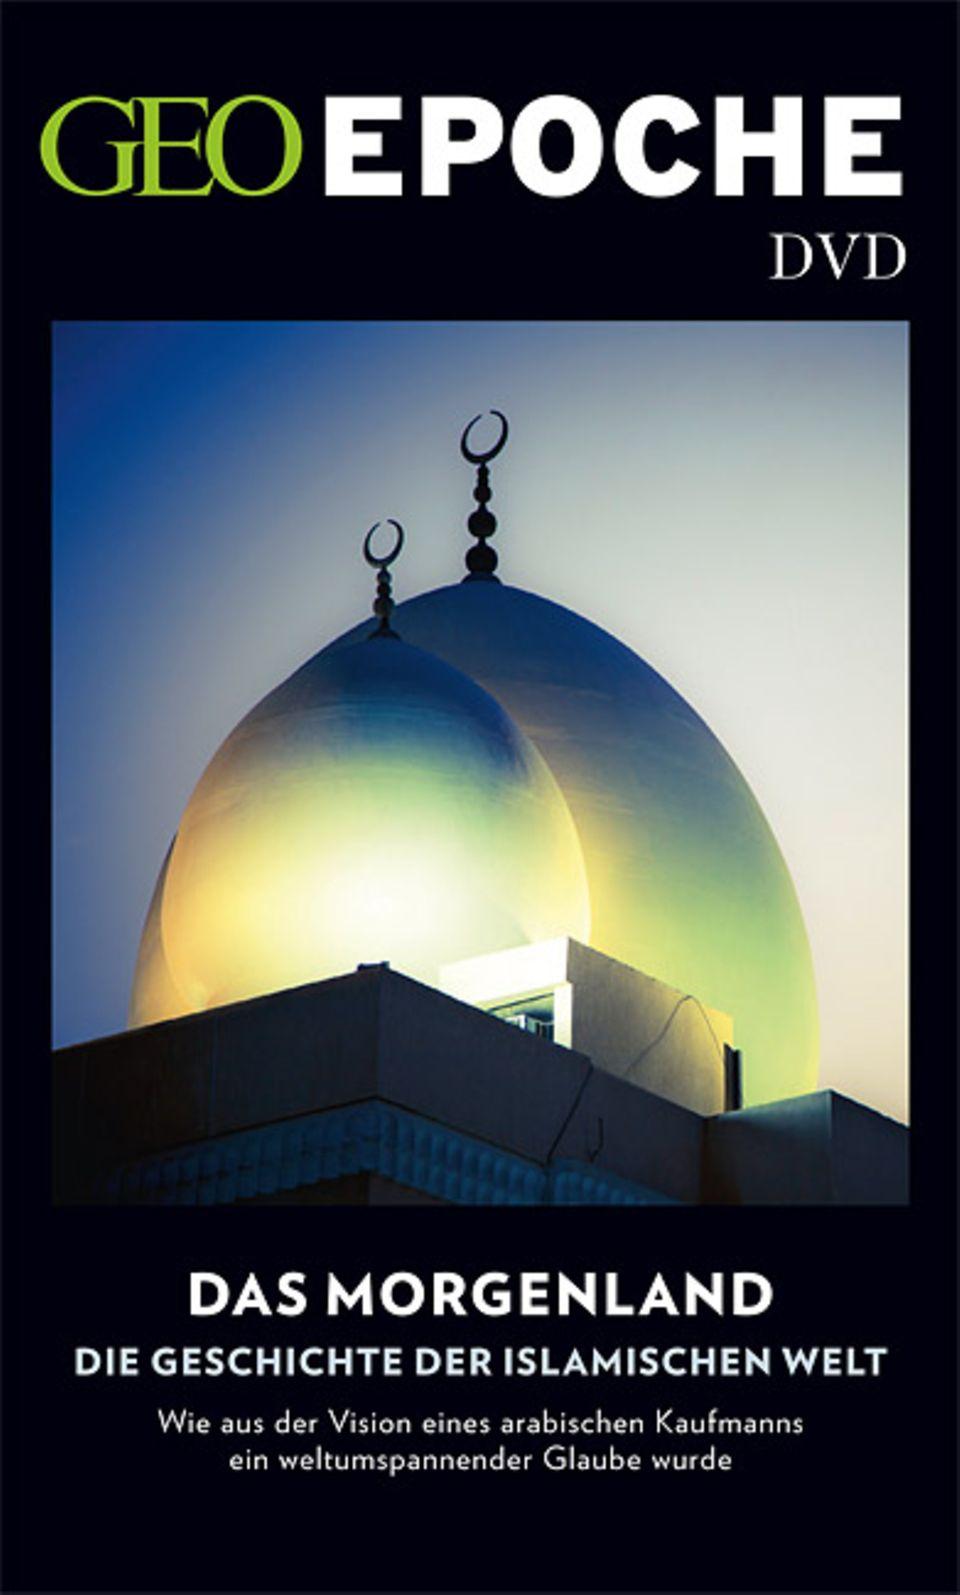 Islam: Die DVD zum Heft: Eine Dokumentation über die Geschichte der islamischen Welt